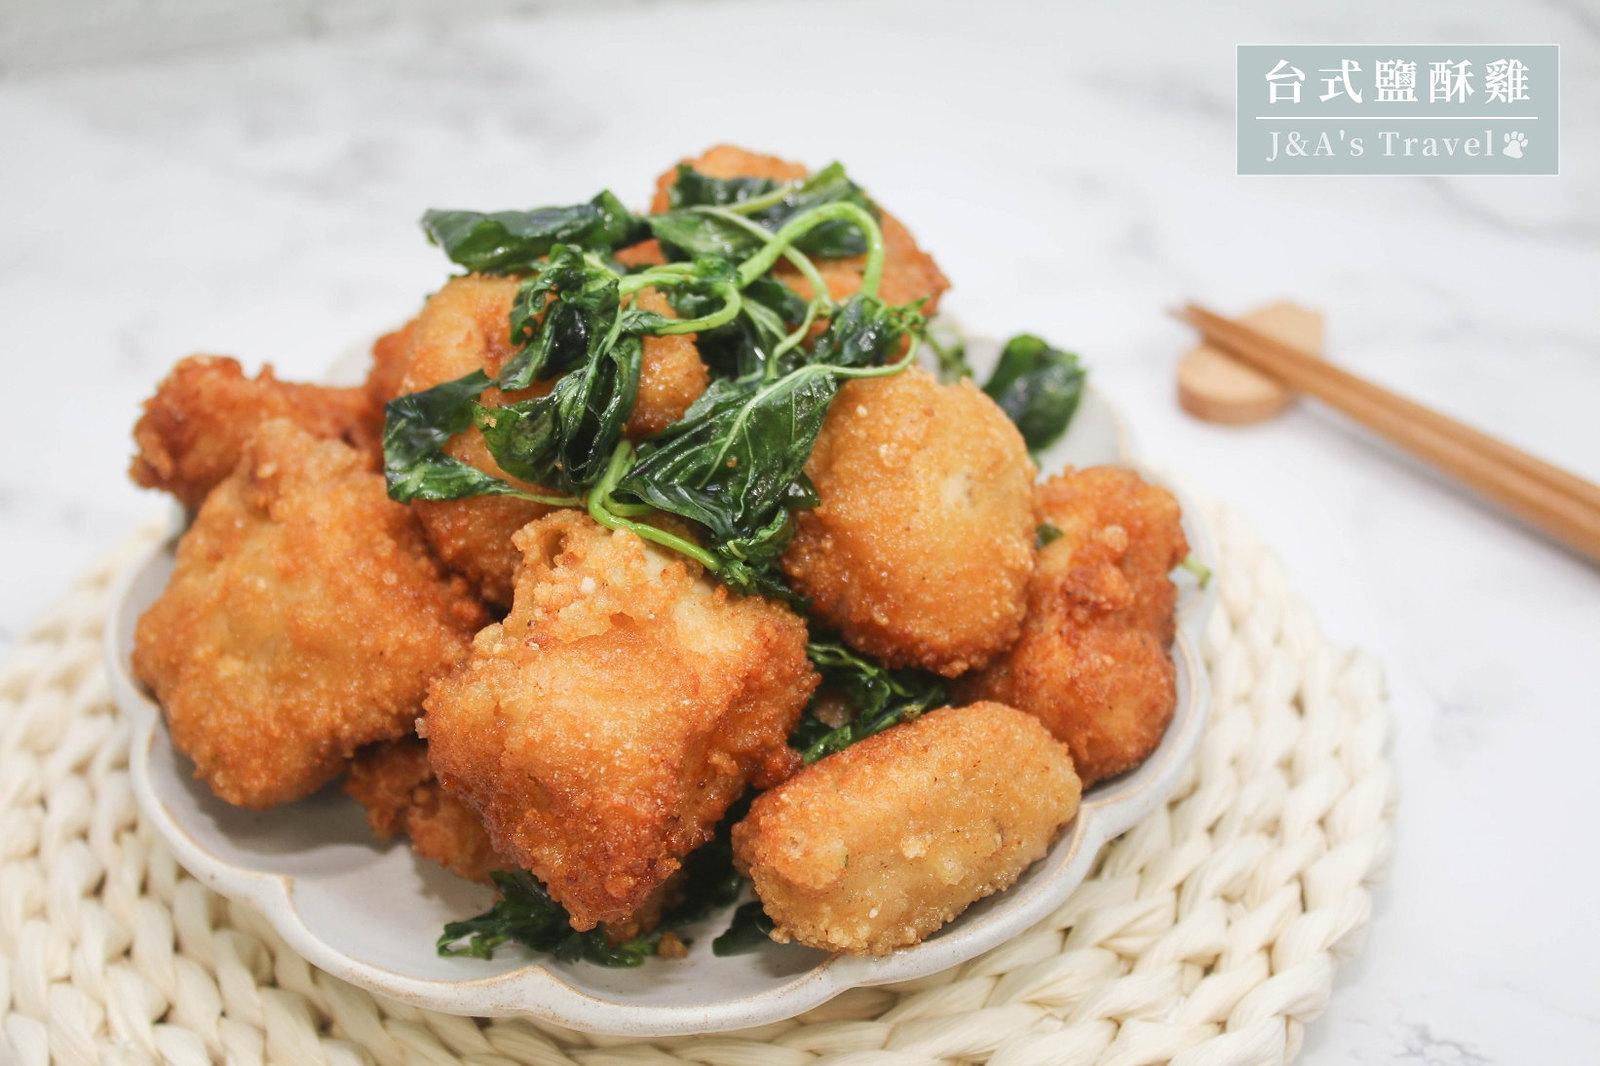 最新推播訊息:宵夜時間來個酥脆多汁的鹽酥雞吧!